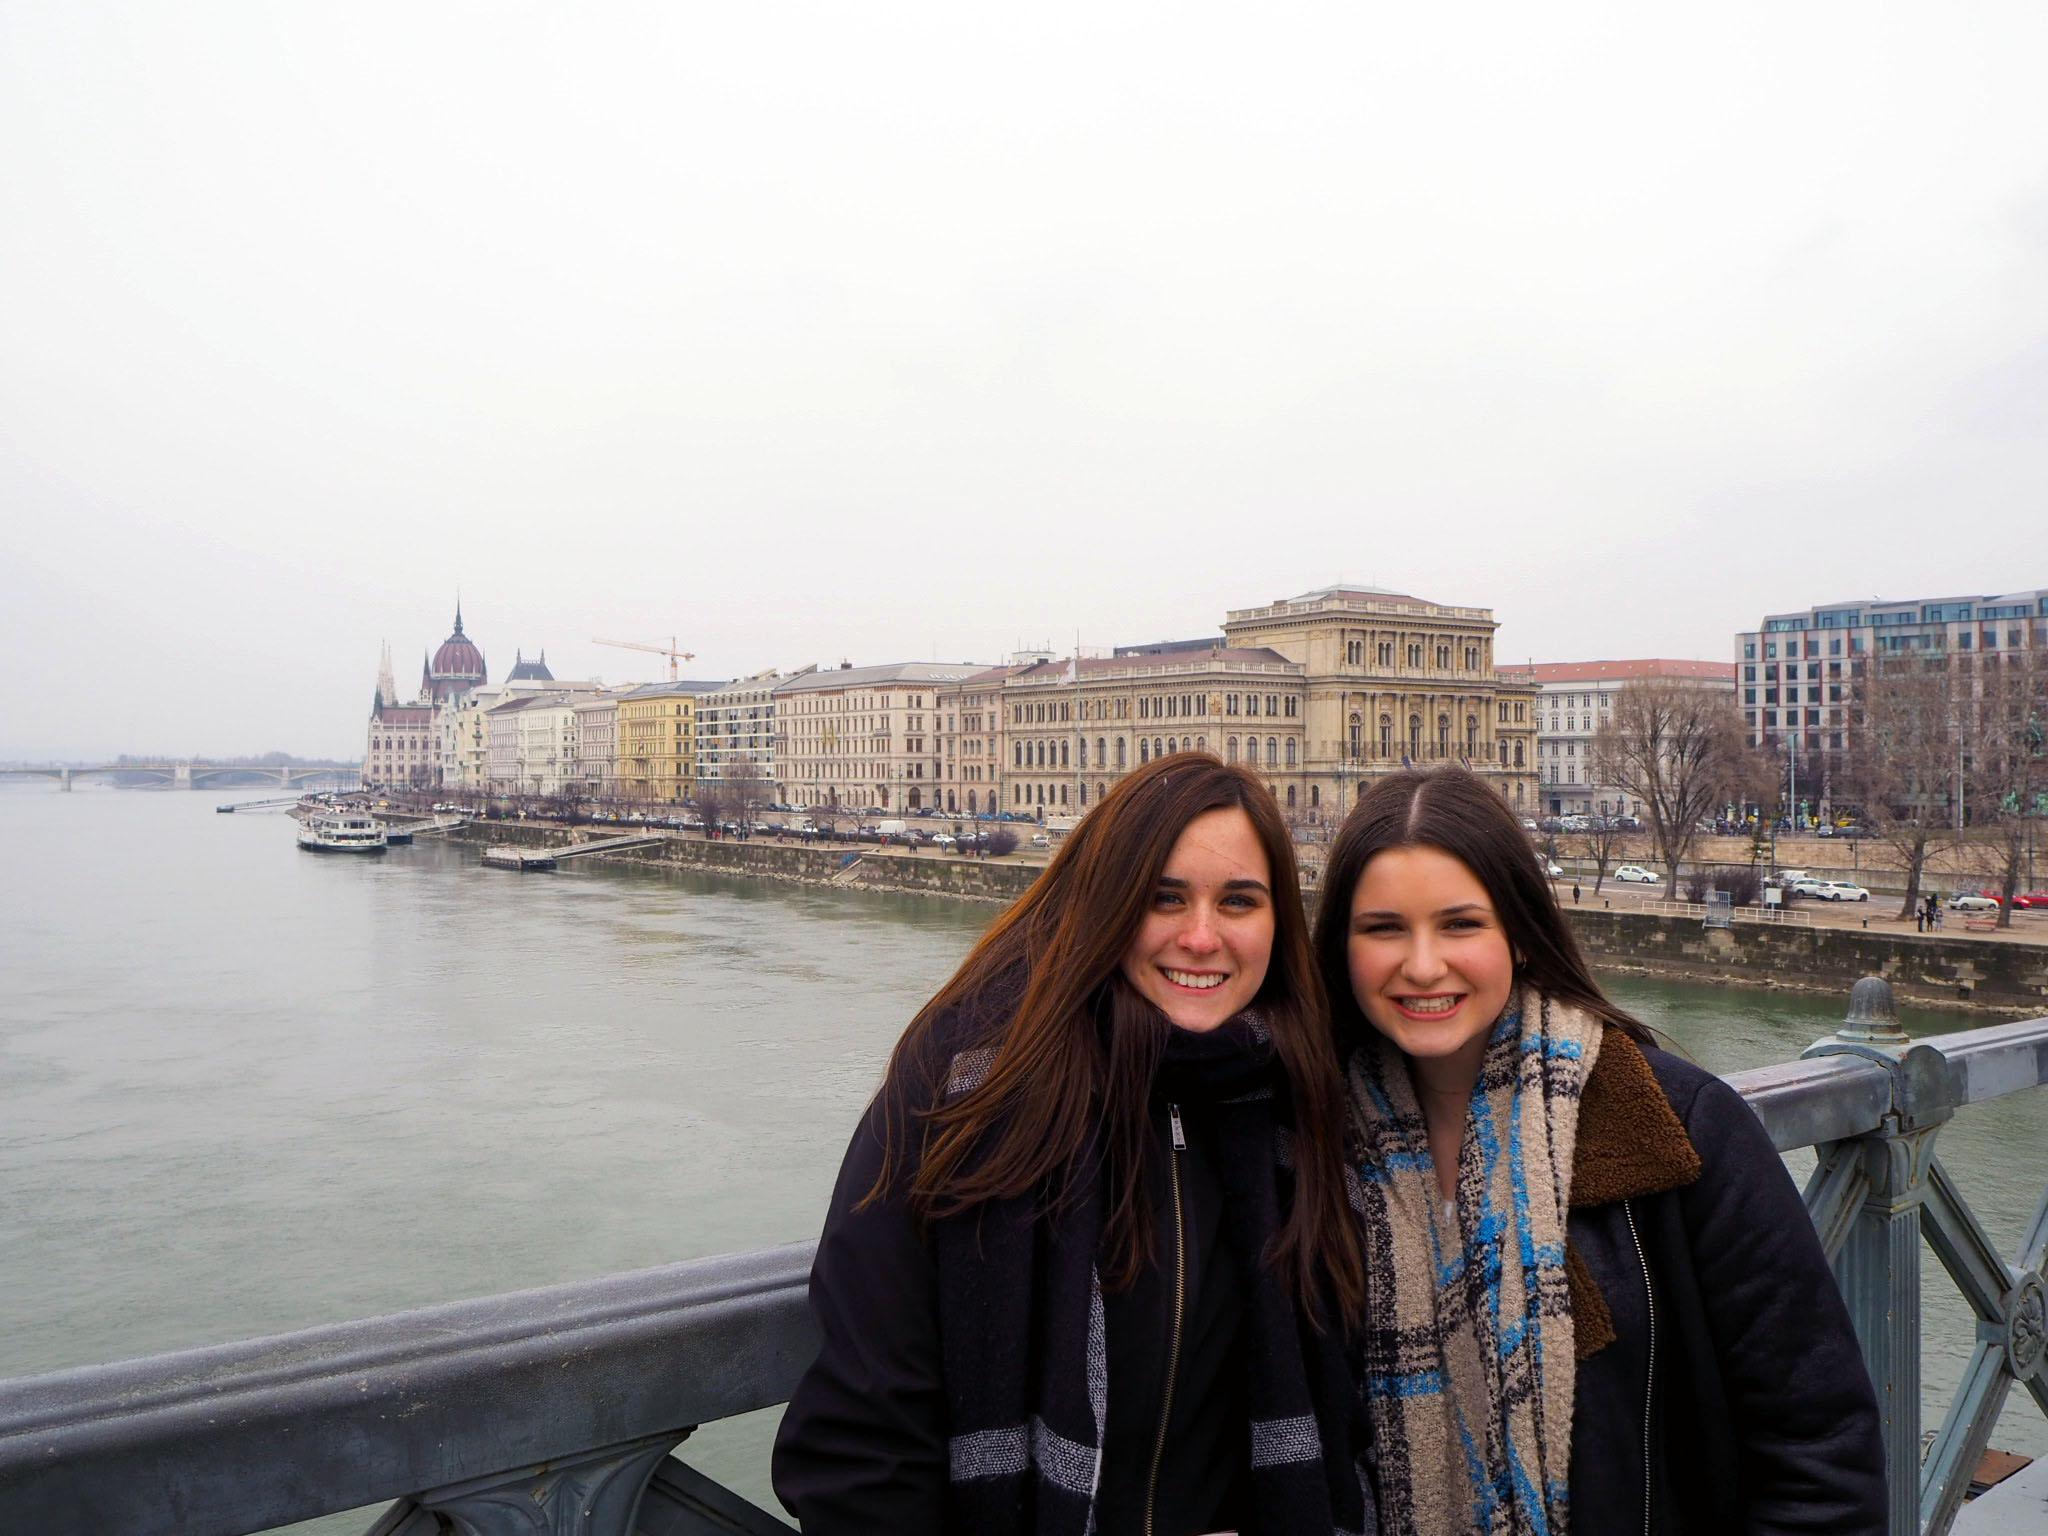 Budapest, Vienna, and Salzburg